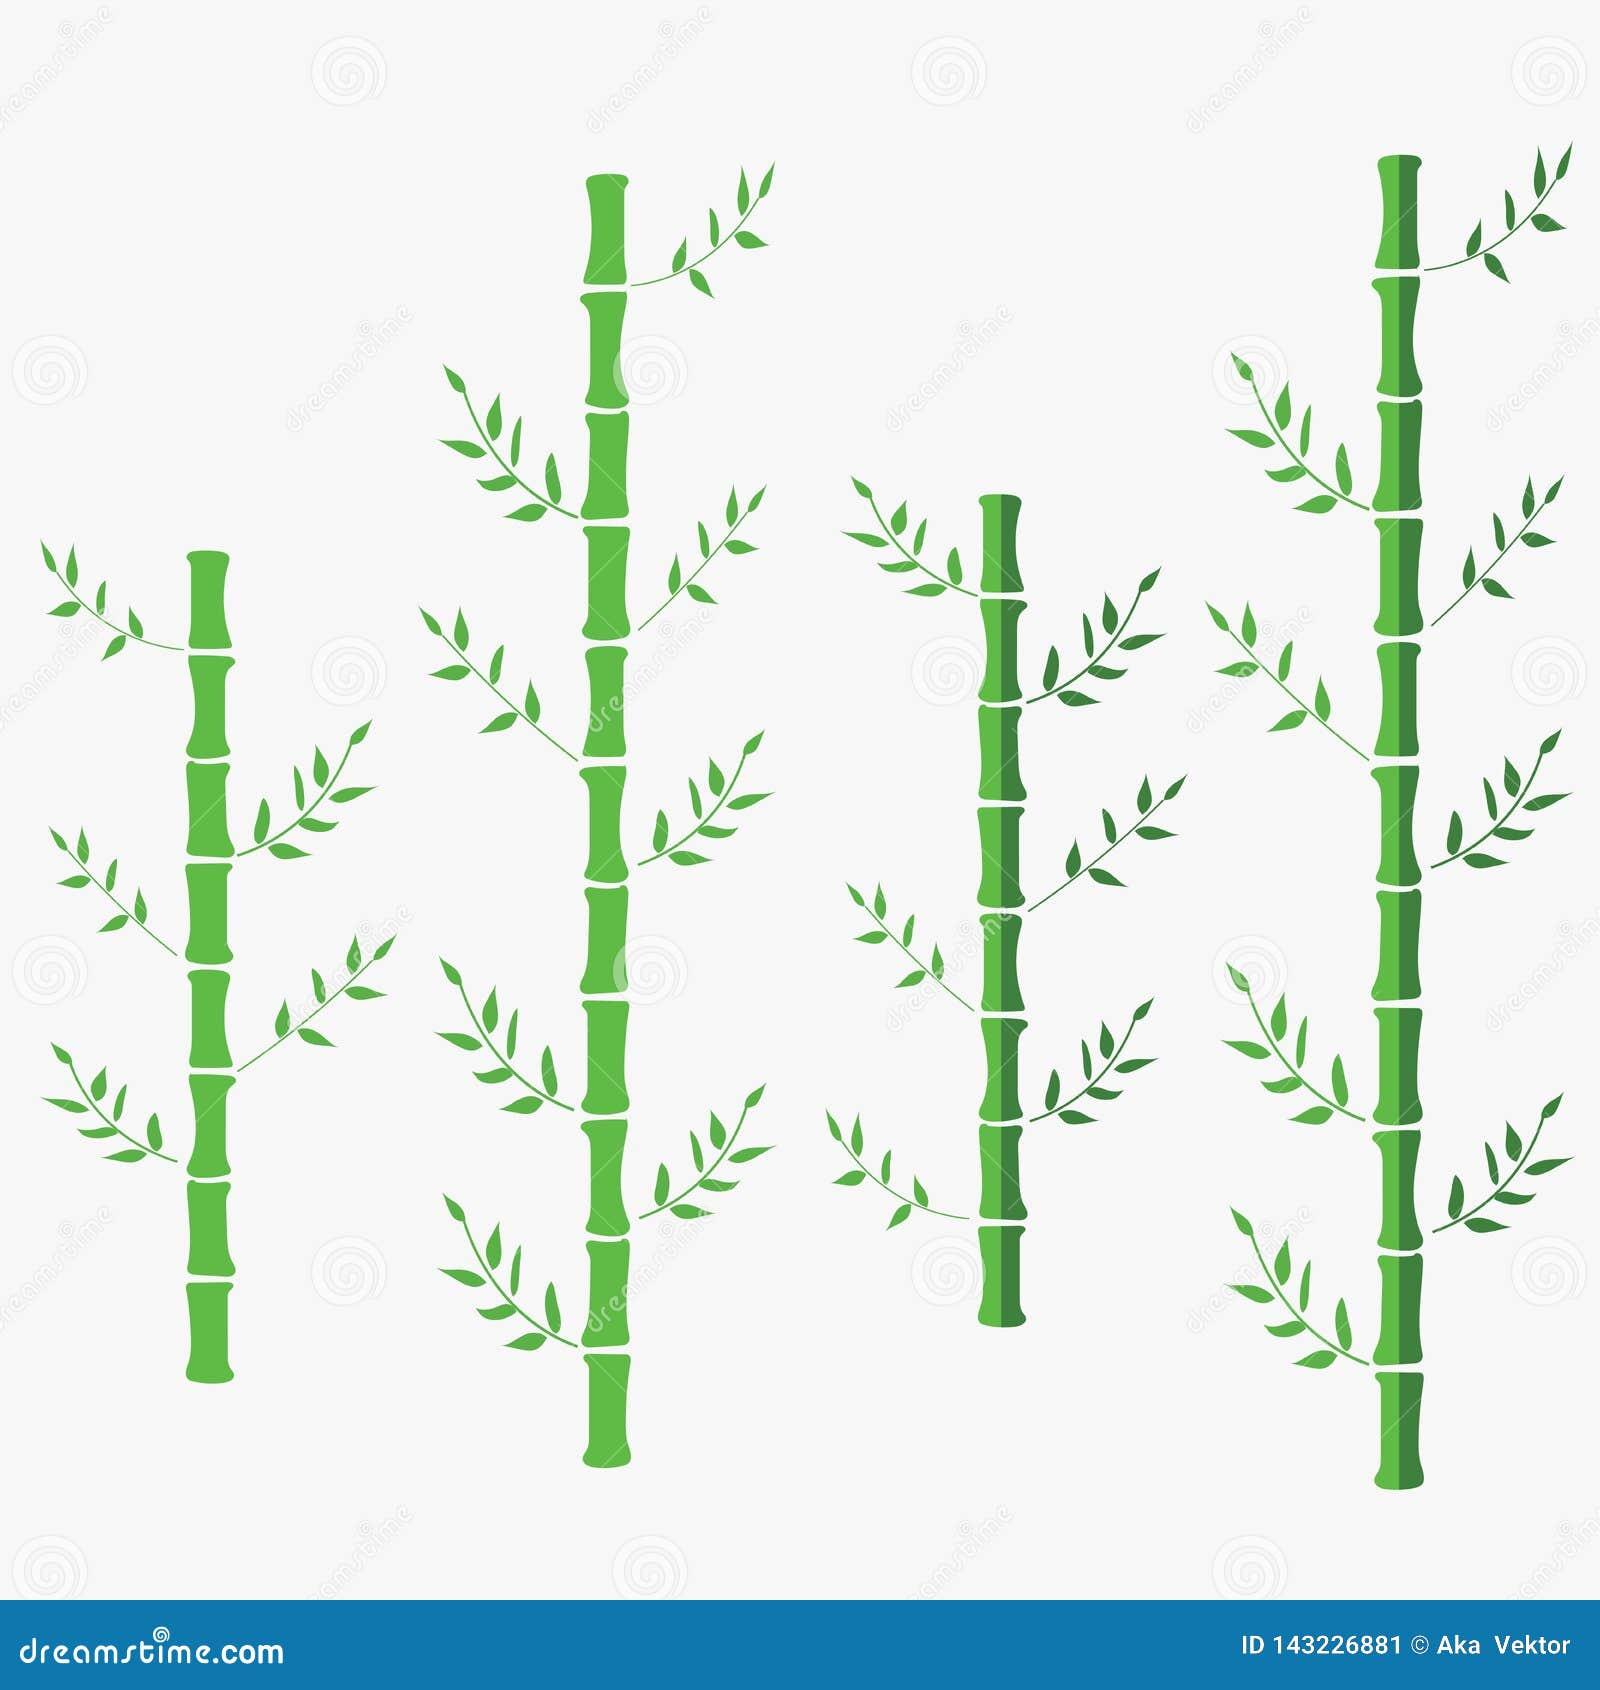 Διανυσματική επίπεδη απεικόνιση μπαμπού πράσινο ασιατικό κινεζικό μπαμπού το μπαμπού ανασκόπησης απ&omicro